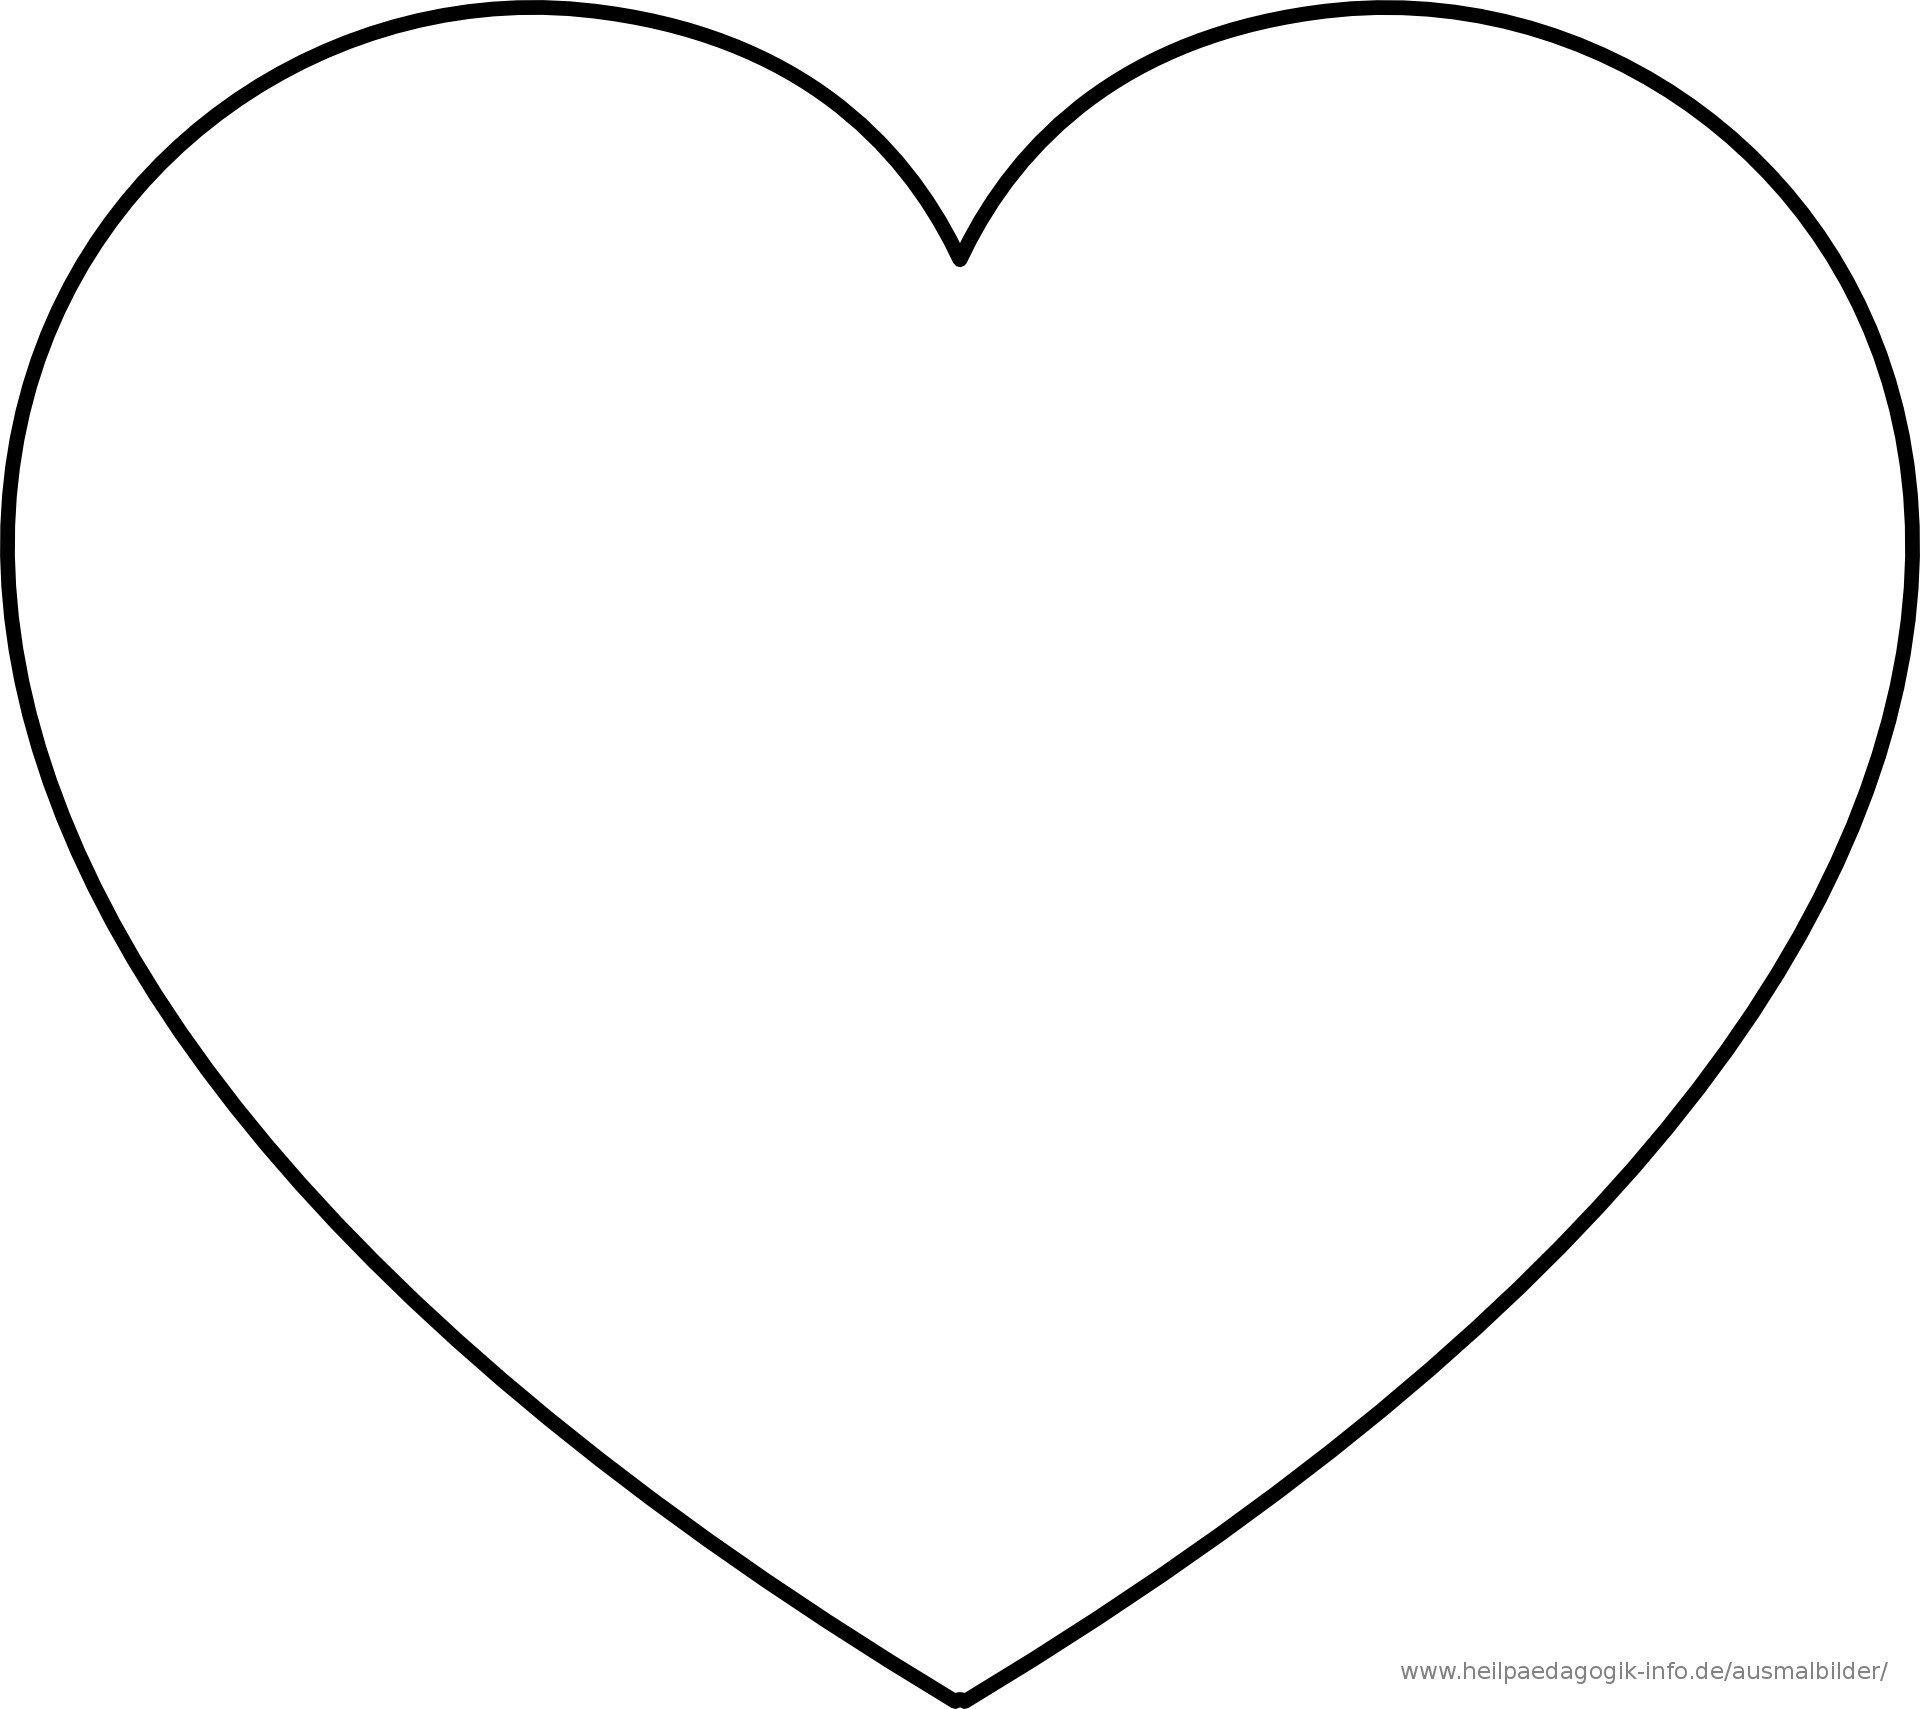 Malvorlagen Herzen Herz Vorlage Herz Ausmalbild Herzschablone